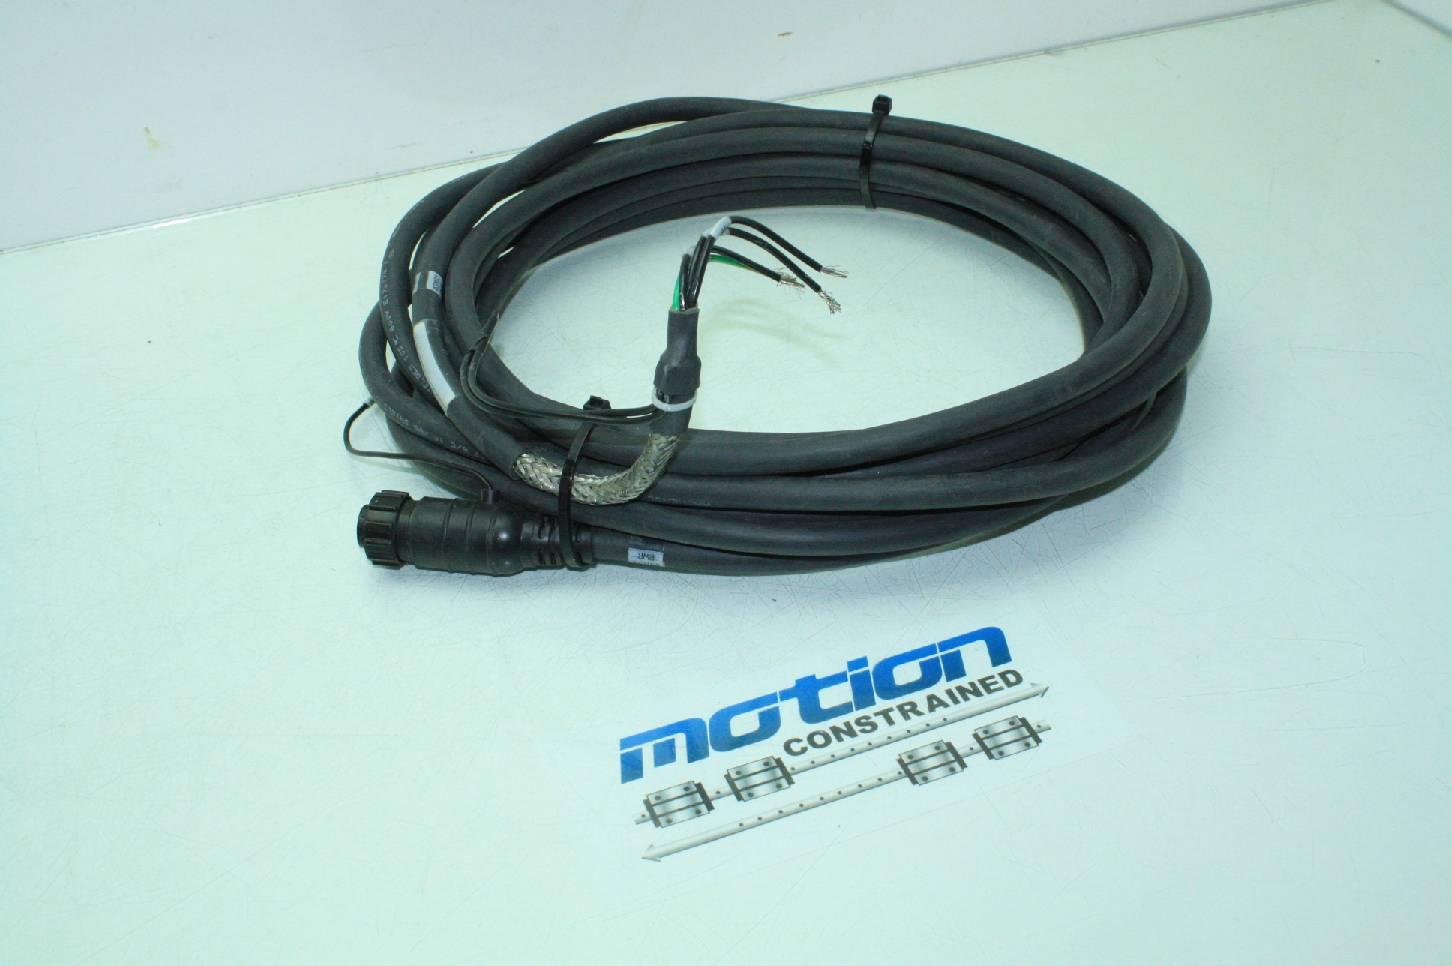 Allen bradley 2090 xxnpy 16s09 brushless servo power cable for Allen bradley servo motor cables